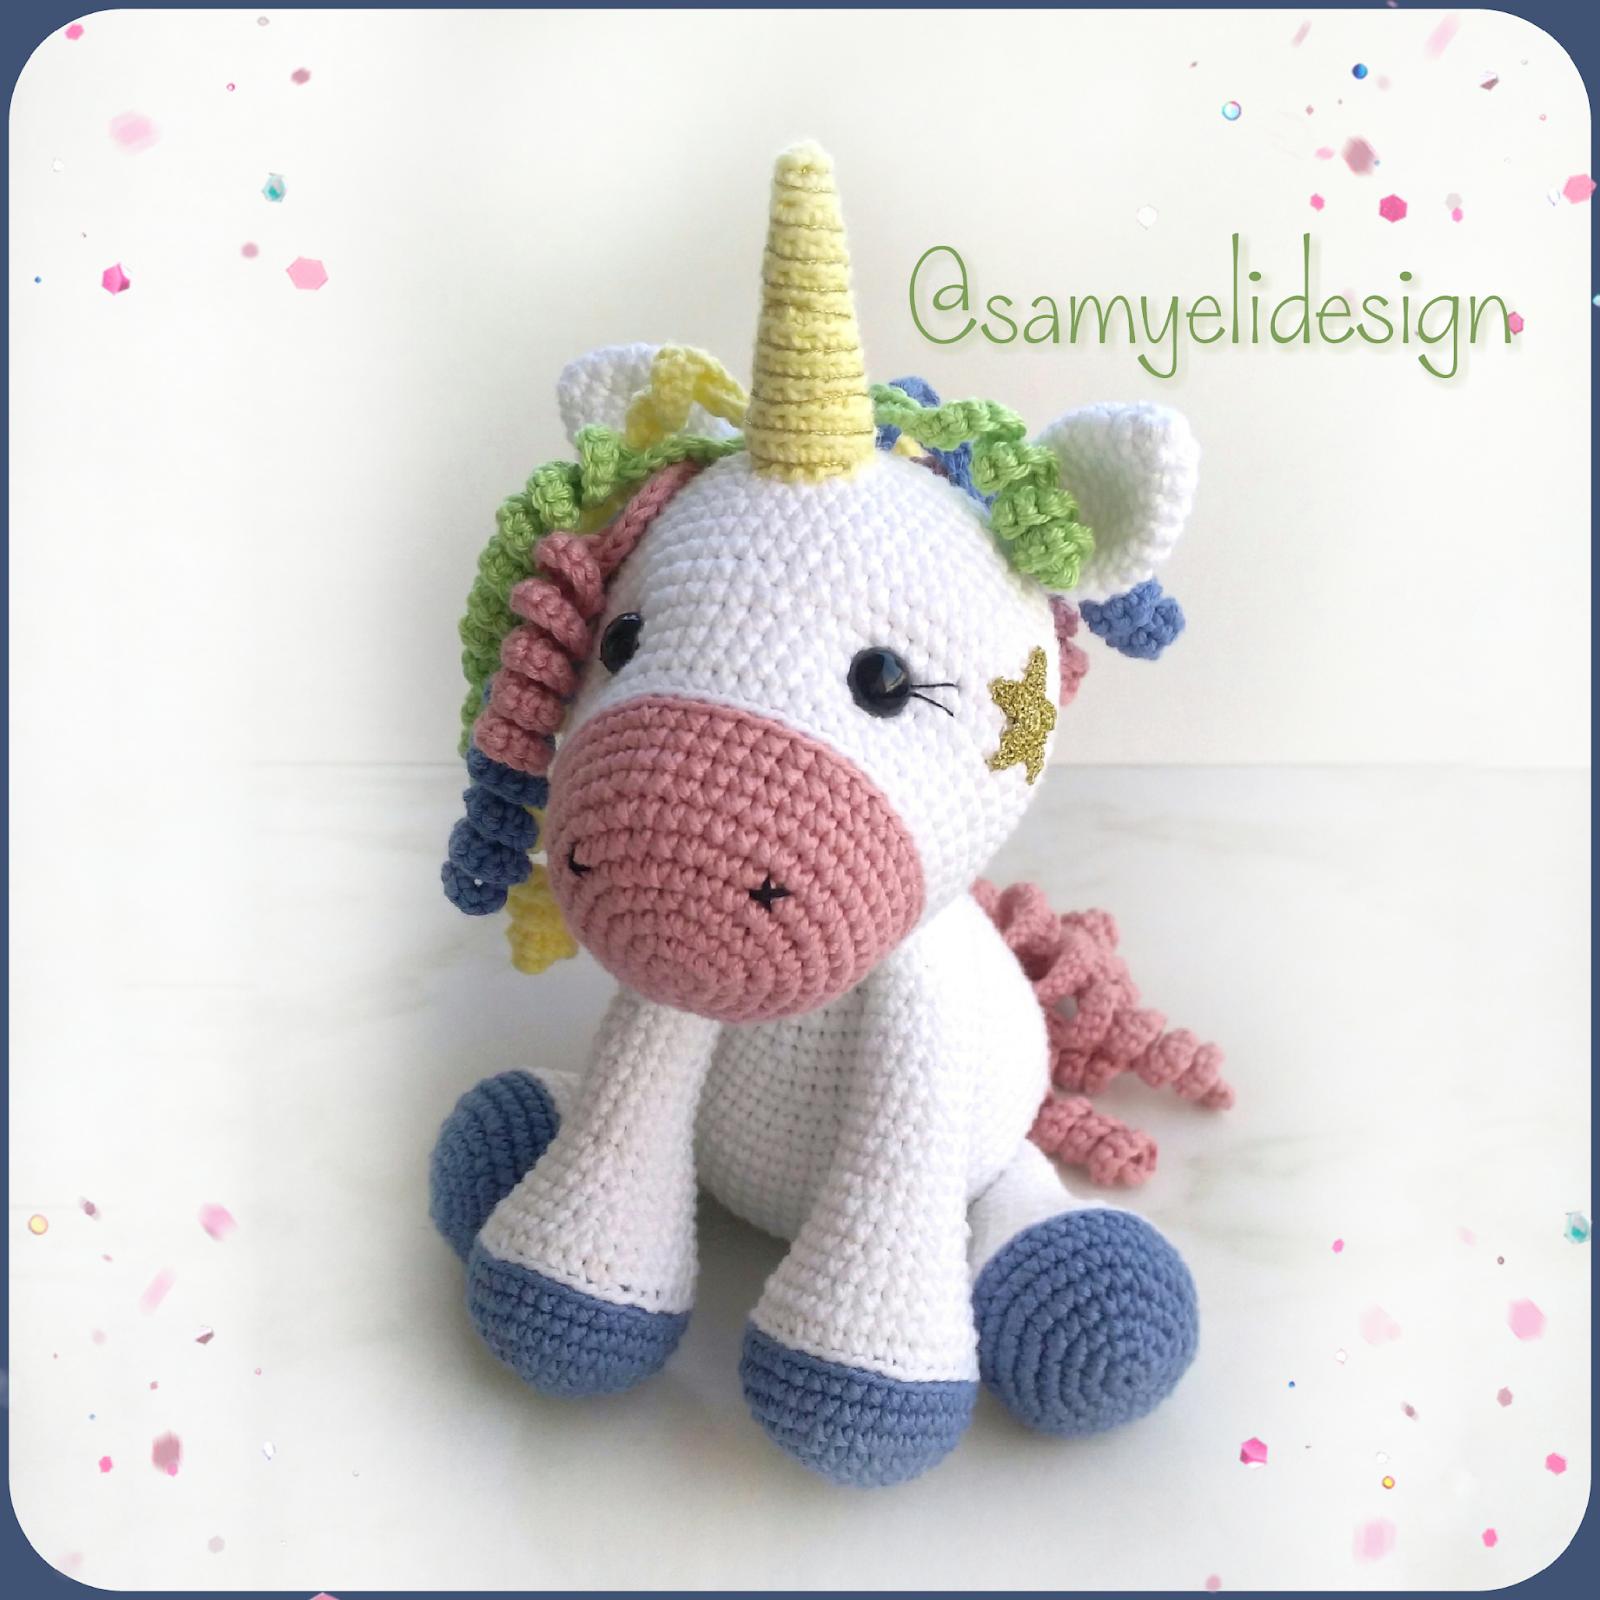 -amigurumi-bebek-unicorn-ucretsiz-desen-16 Amigurumi Bebek Unicorn Ücretsiz Desen